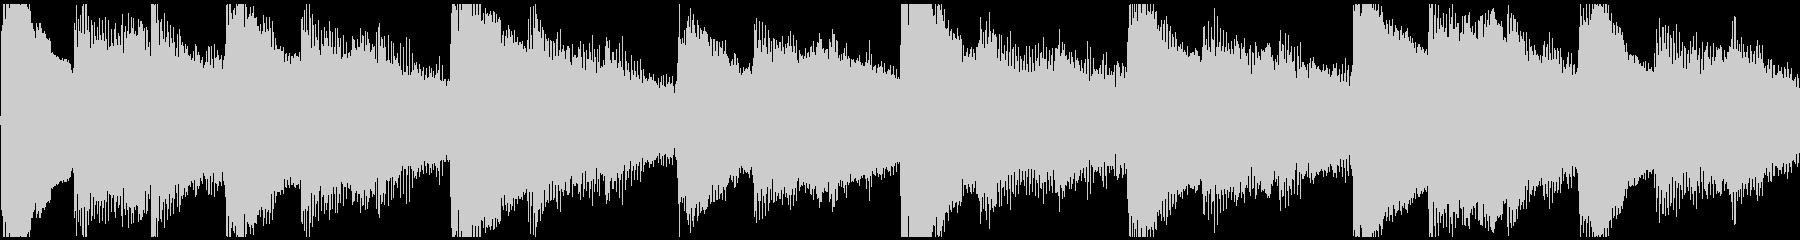 感動表現、CM,ブライダル、ループ4の未再生の波形